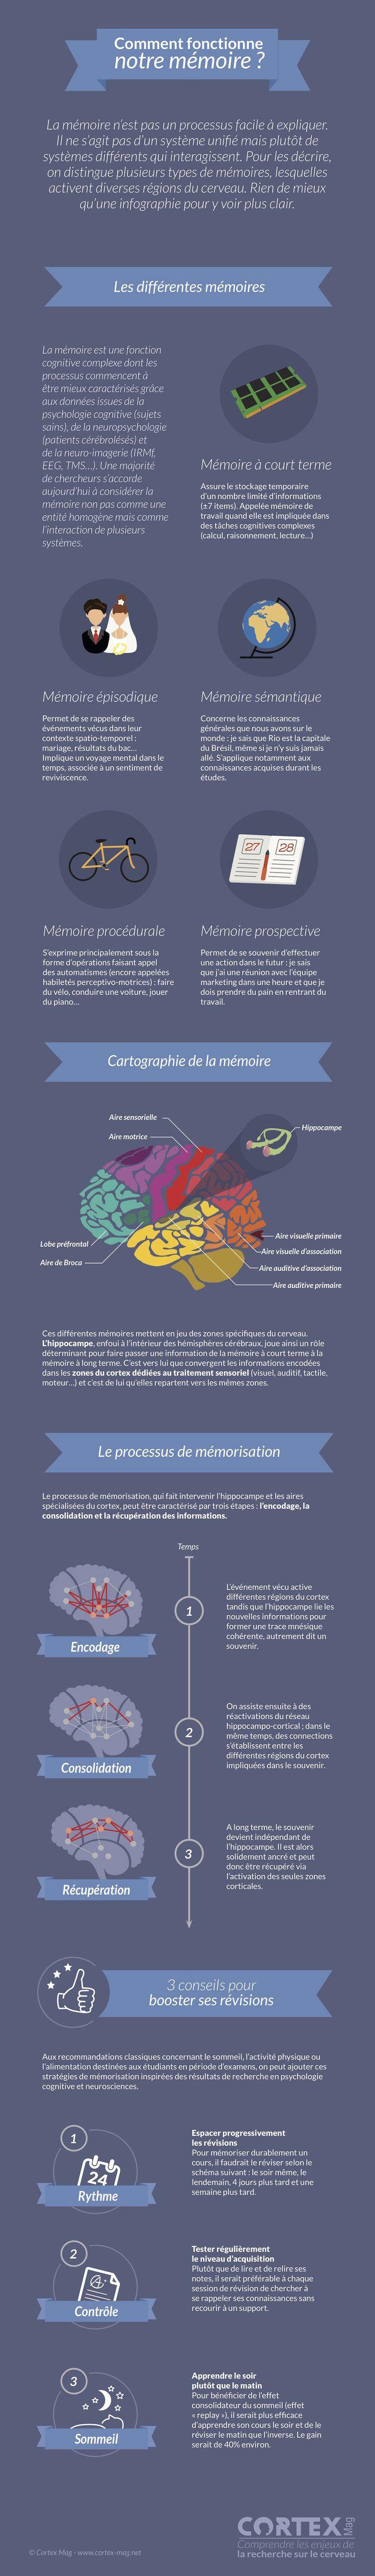 Une infographie pour décrire les différentes mémoires (de travail, sémantique…) et le processus de mémorisation, trois conseils pour booster ses révisions.